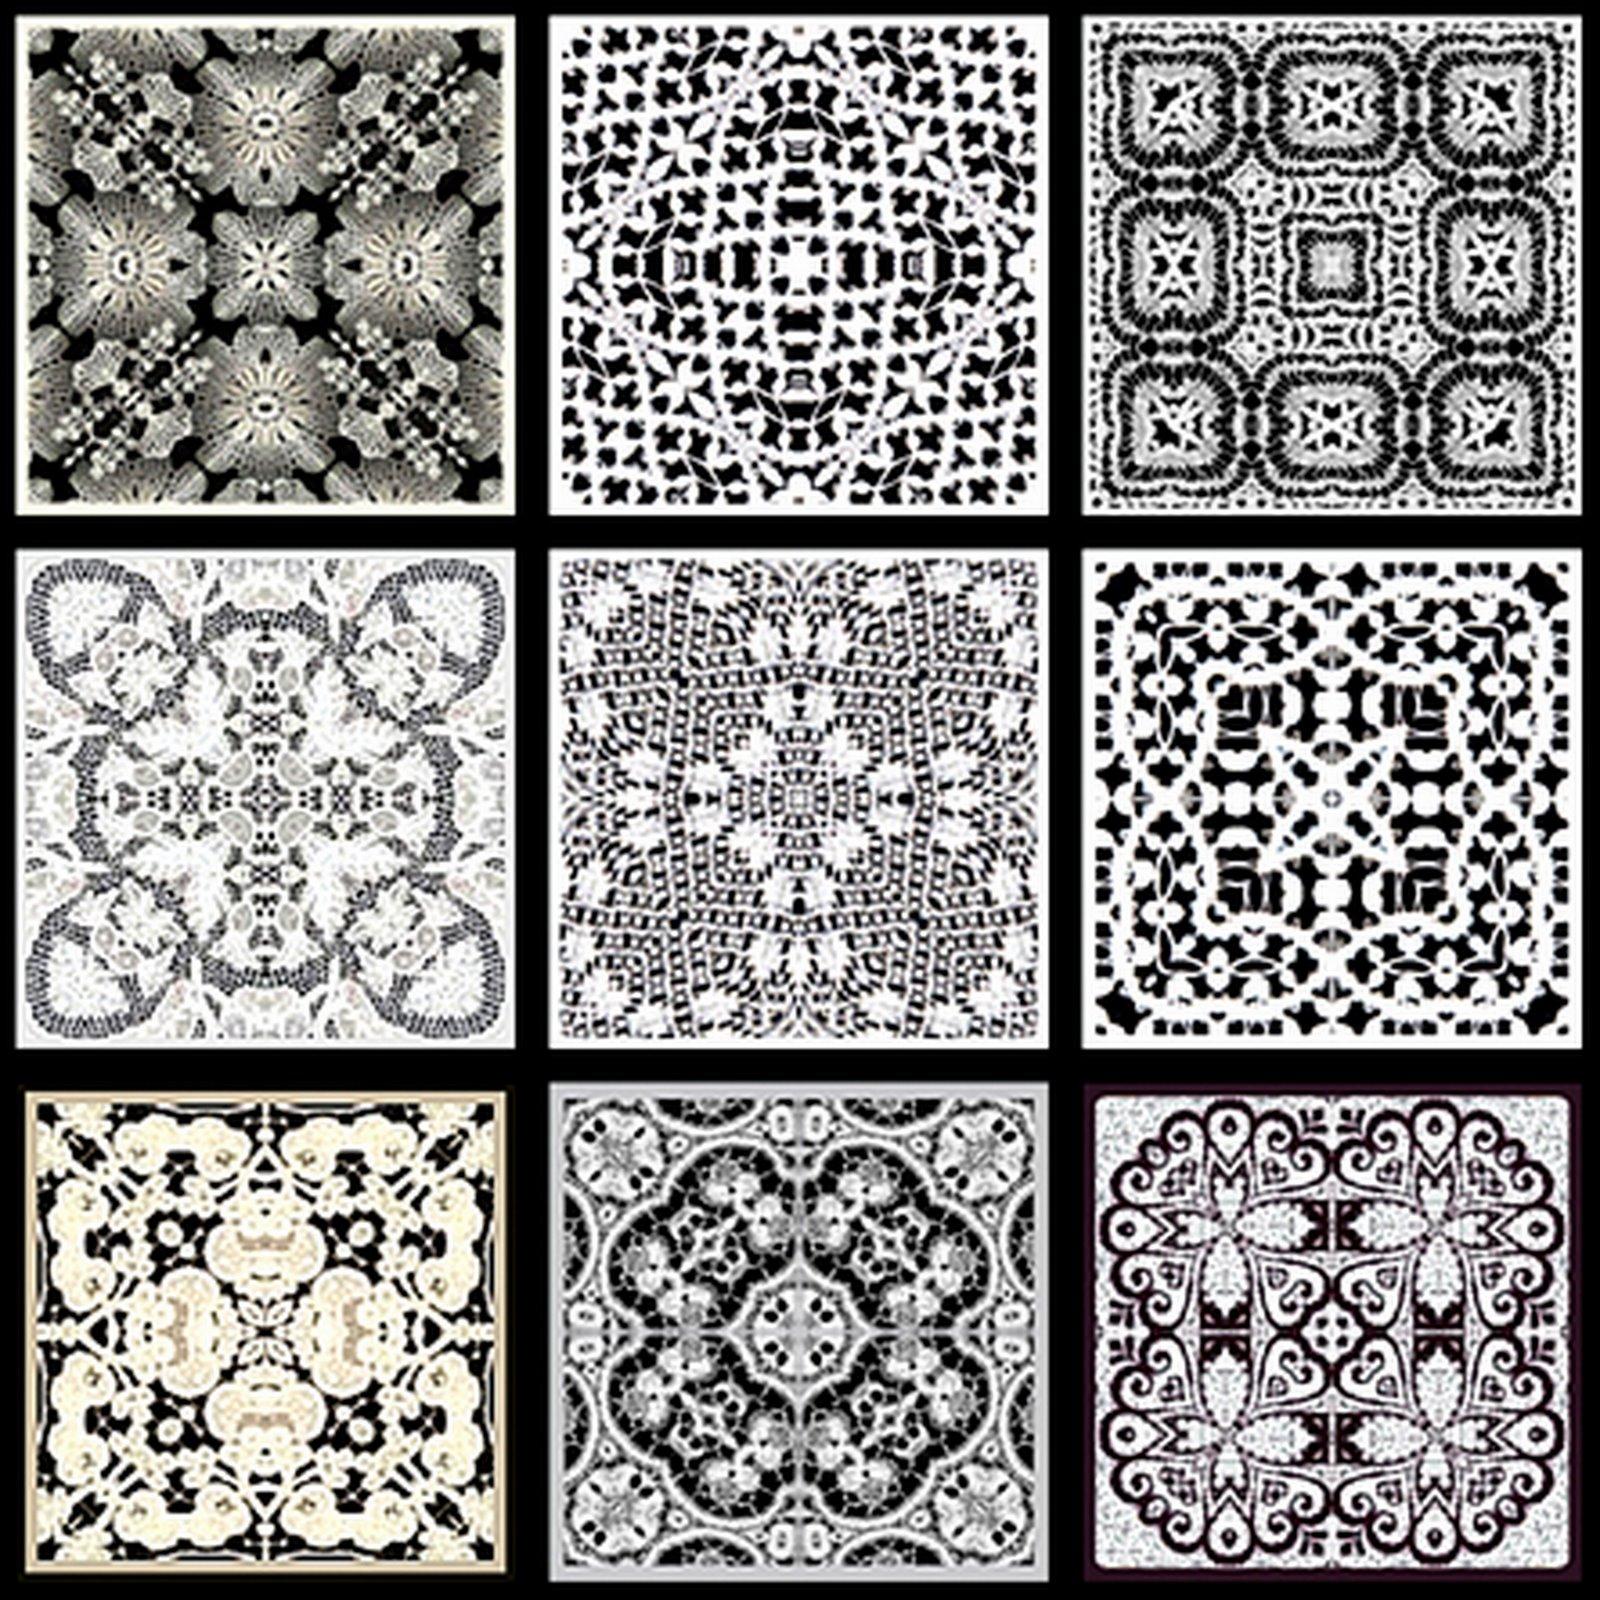 ... - Tea Bag Tiles: Block of nine Tea Bag Tiles in black and white